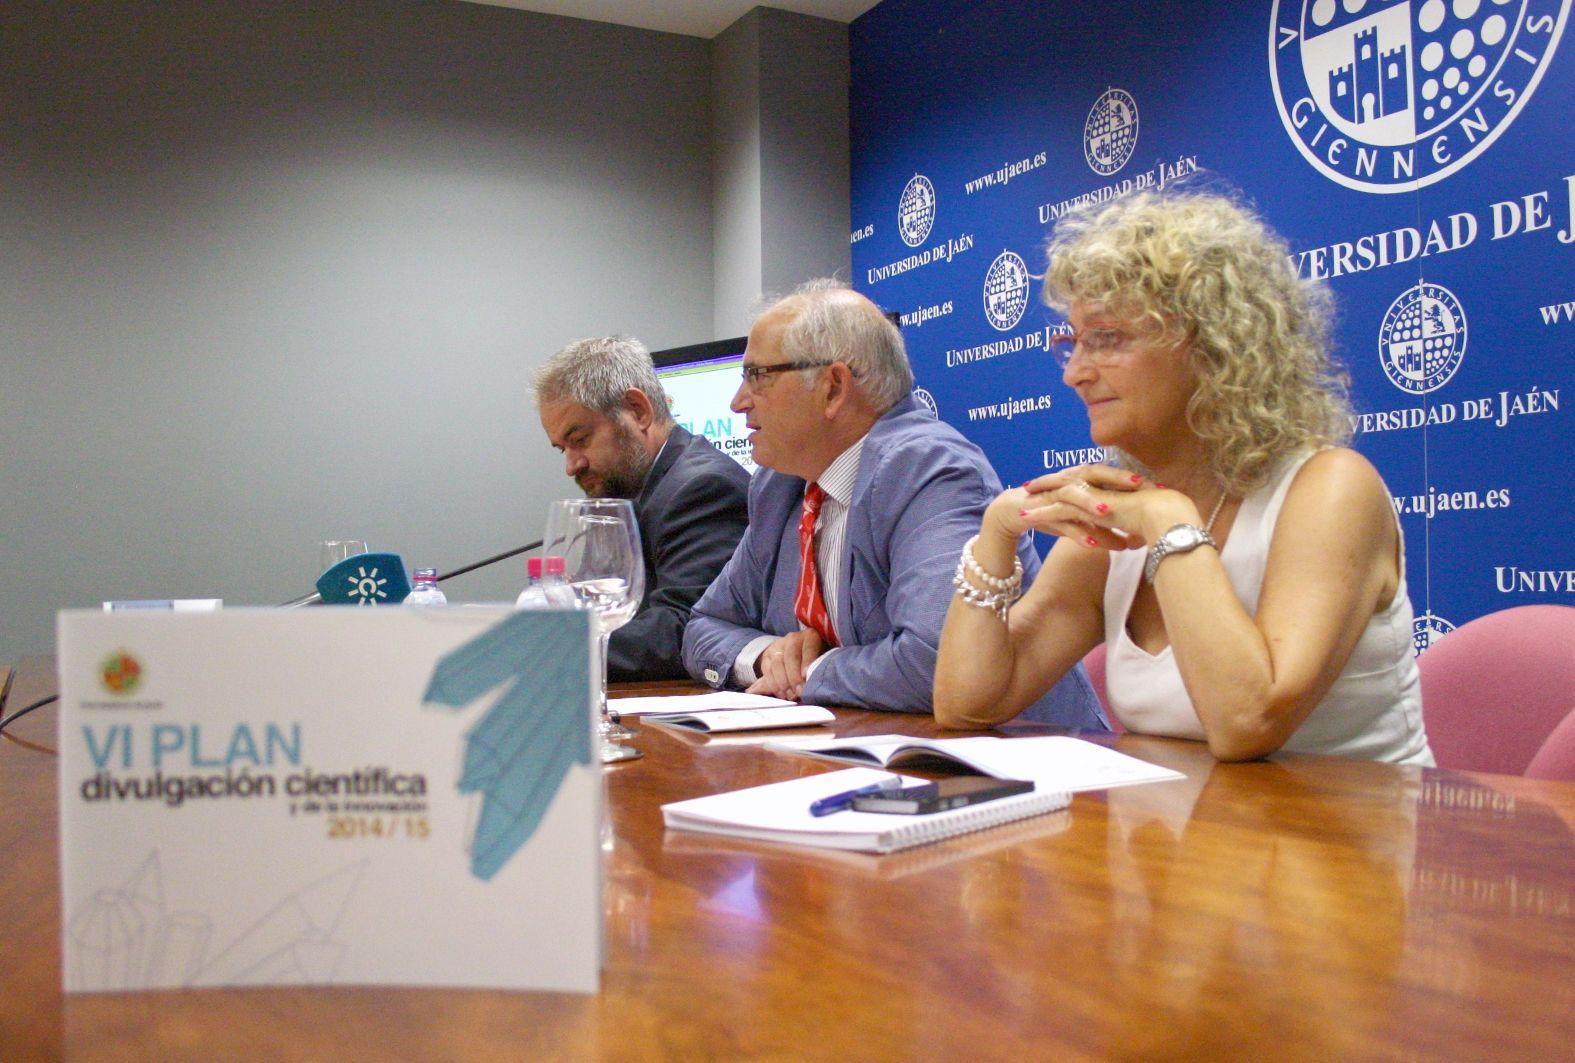 La Universidad de Jaén presenta su VI Plan de Divulgación Científica y de la Innovación con el objetivo de acercar la ciencia a la sociedad